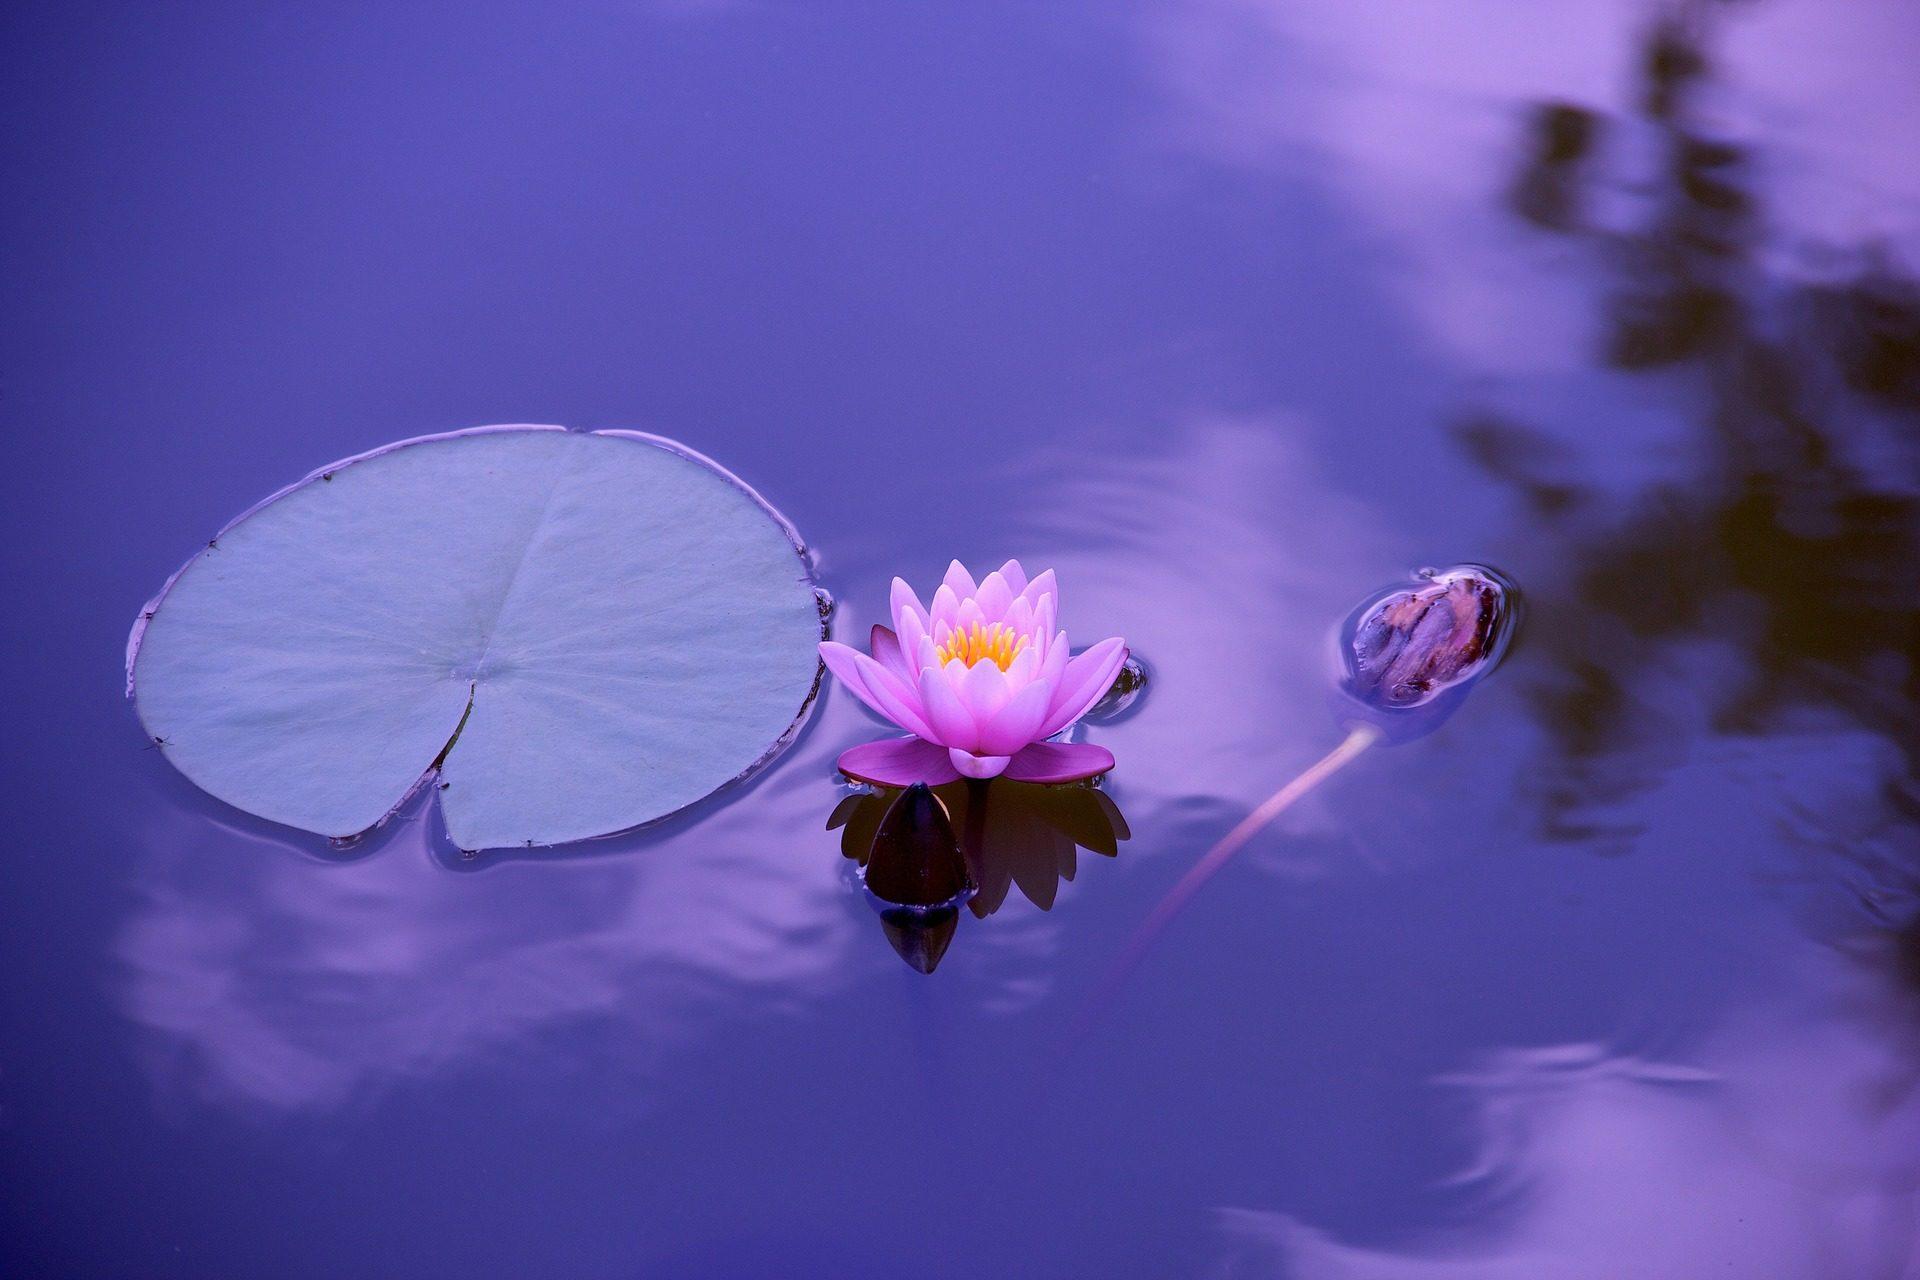 fleur, Lotus, lis d'eau, CHARCA, Jardin, Zen, Yoga, méditation - Fonds d'écran HD - Professor-falken.com